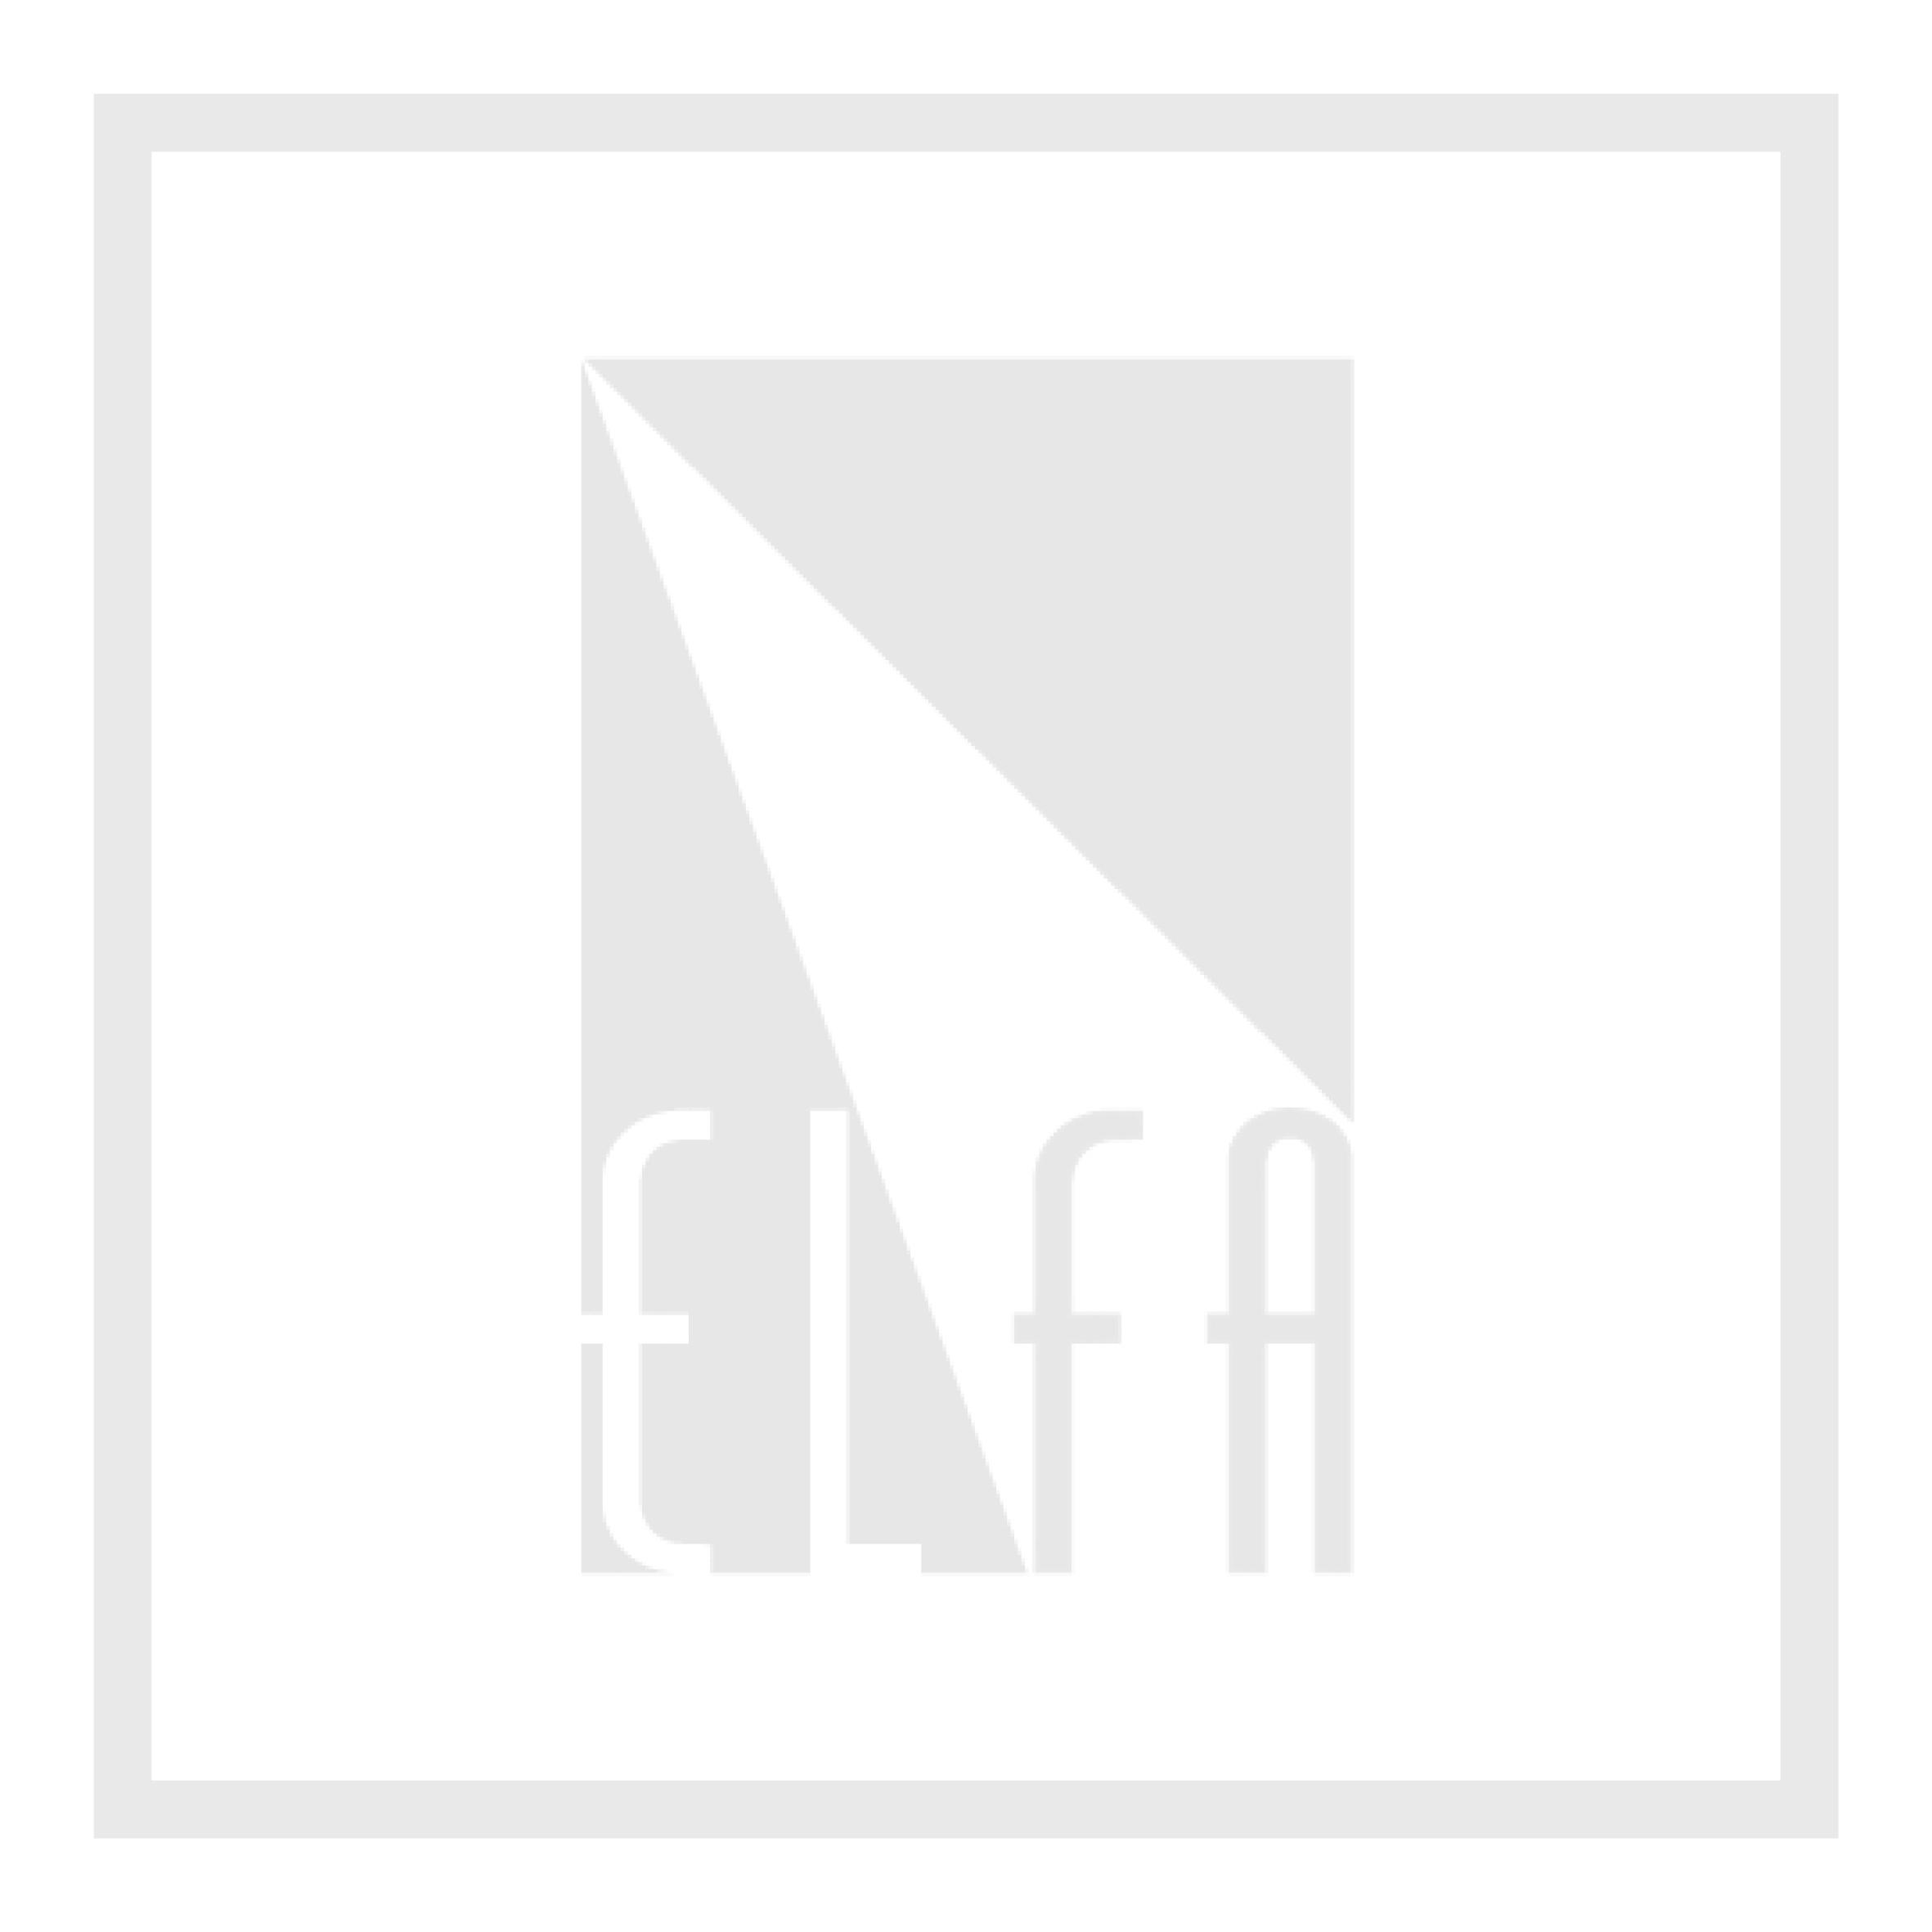 Fiamm Pb accu 12V 80Ah Long Life L259 B168 H213 BOLT 8mm